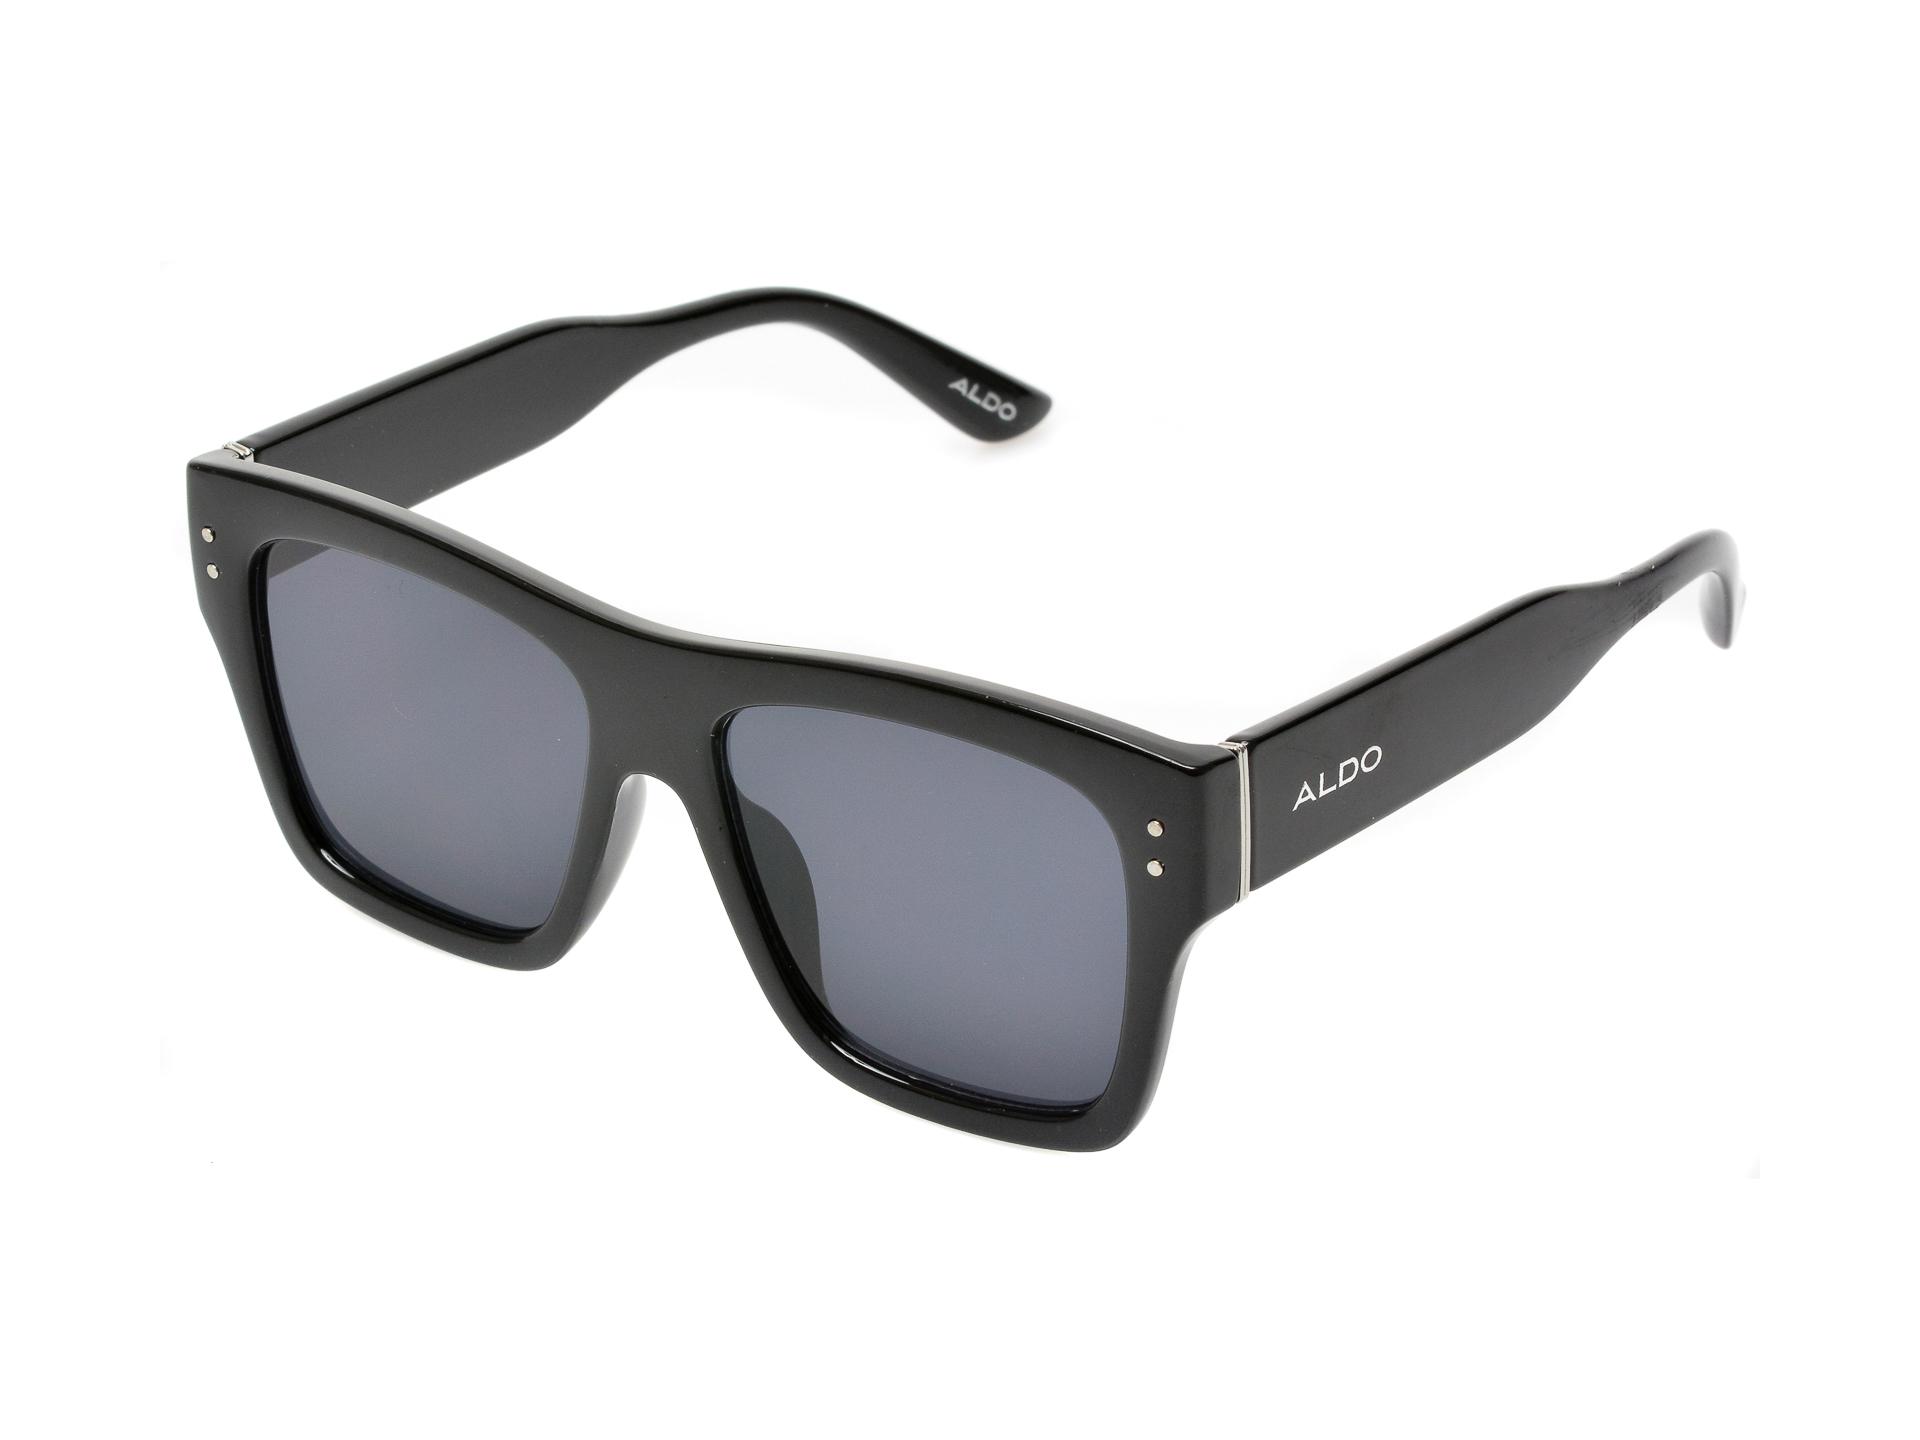 Ochelari de soare ALDO negri, 13087808, din pvc imagine otter.ro 2021